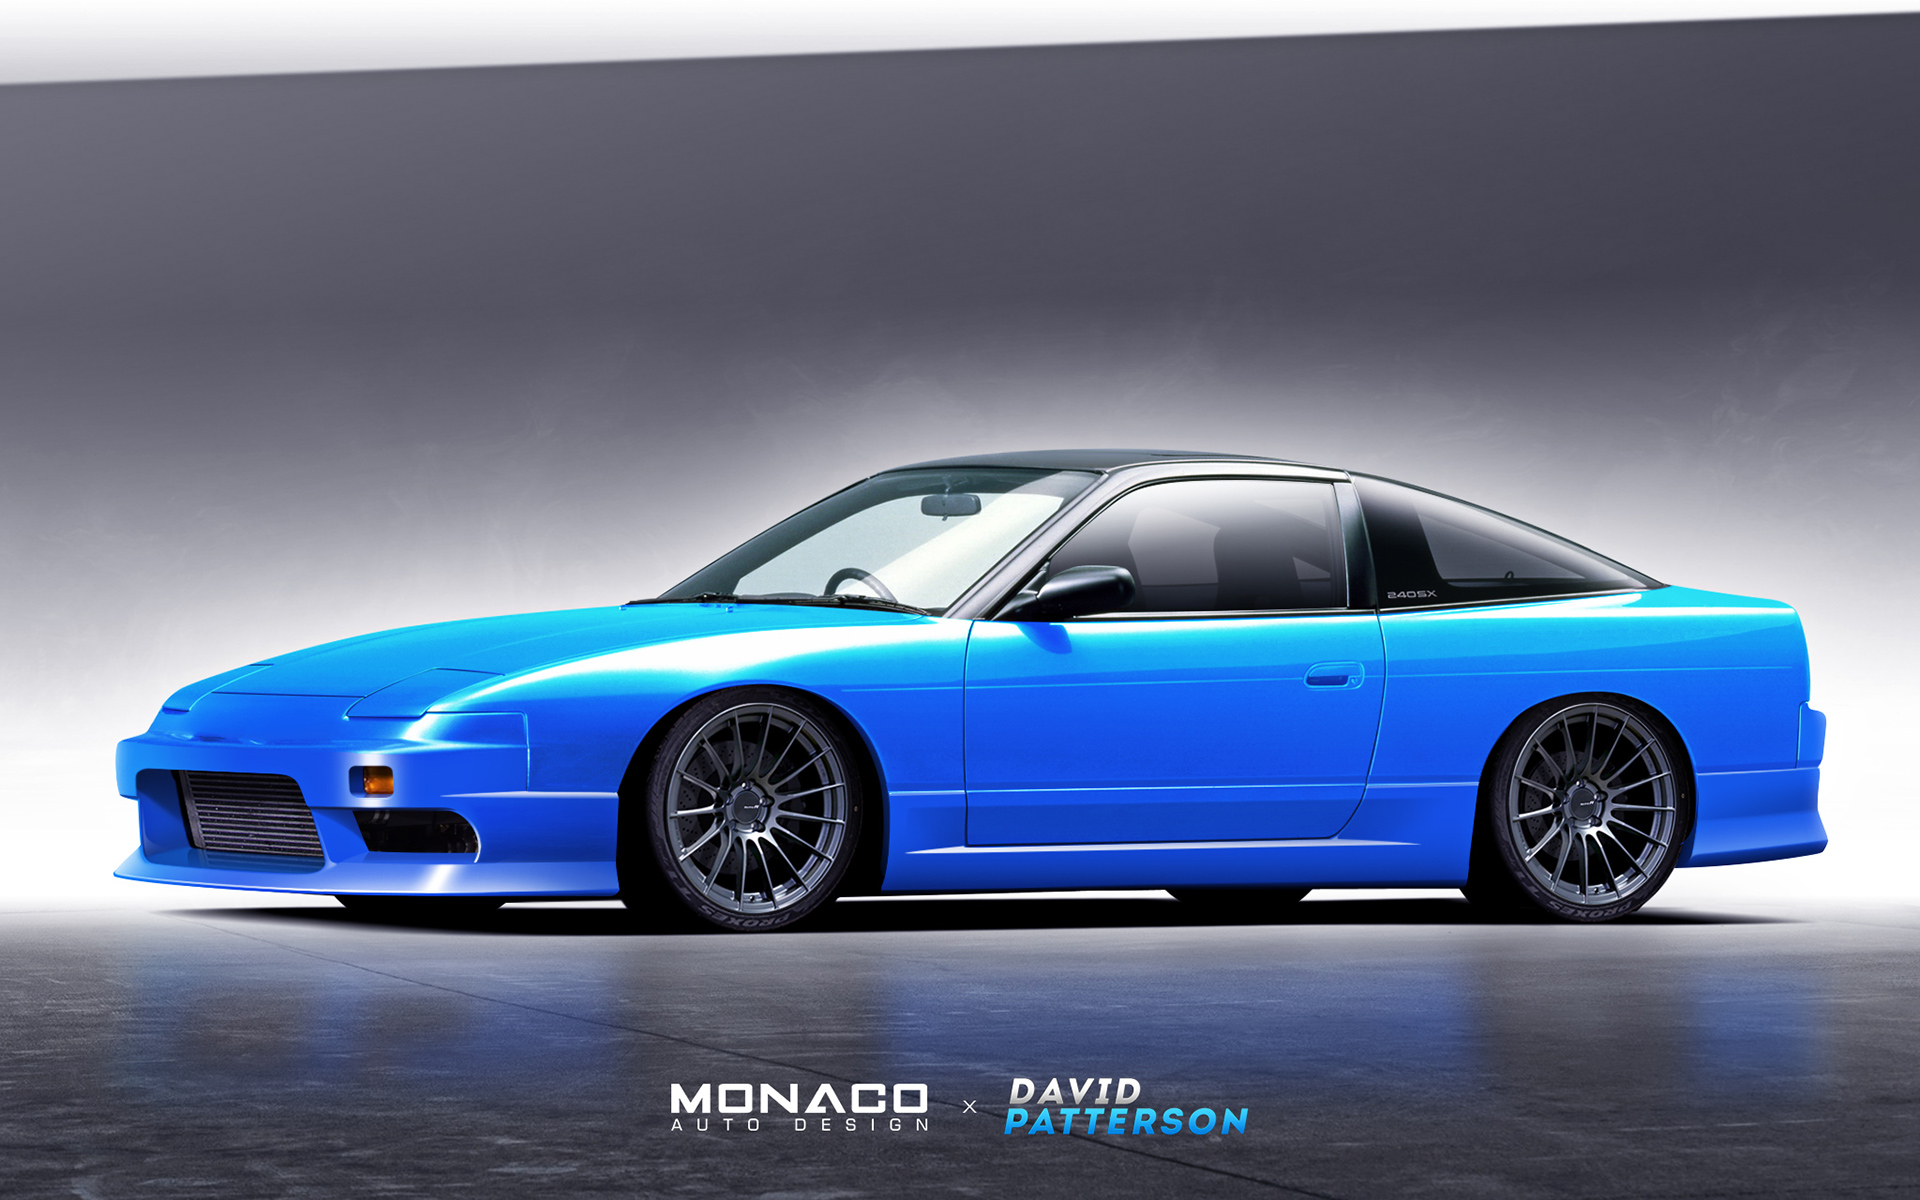 monaco_auto_design_david_patterson_240sx_v1.jpg